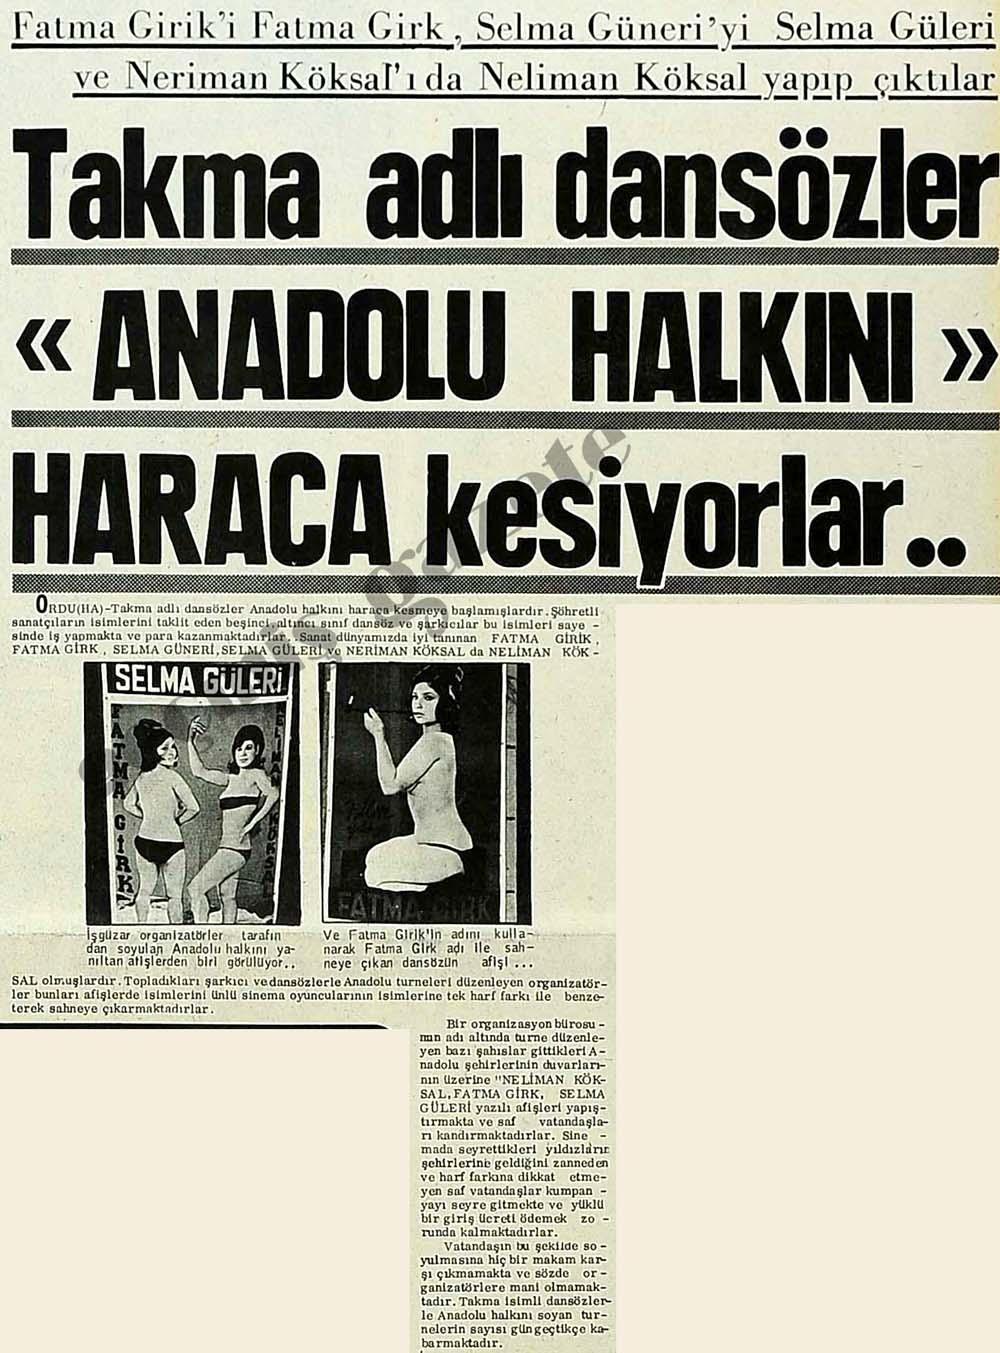 """Takma adlı dansözler """"Anadolu halkını"""" haraca kesiyorlar.."""